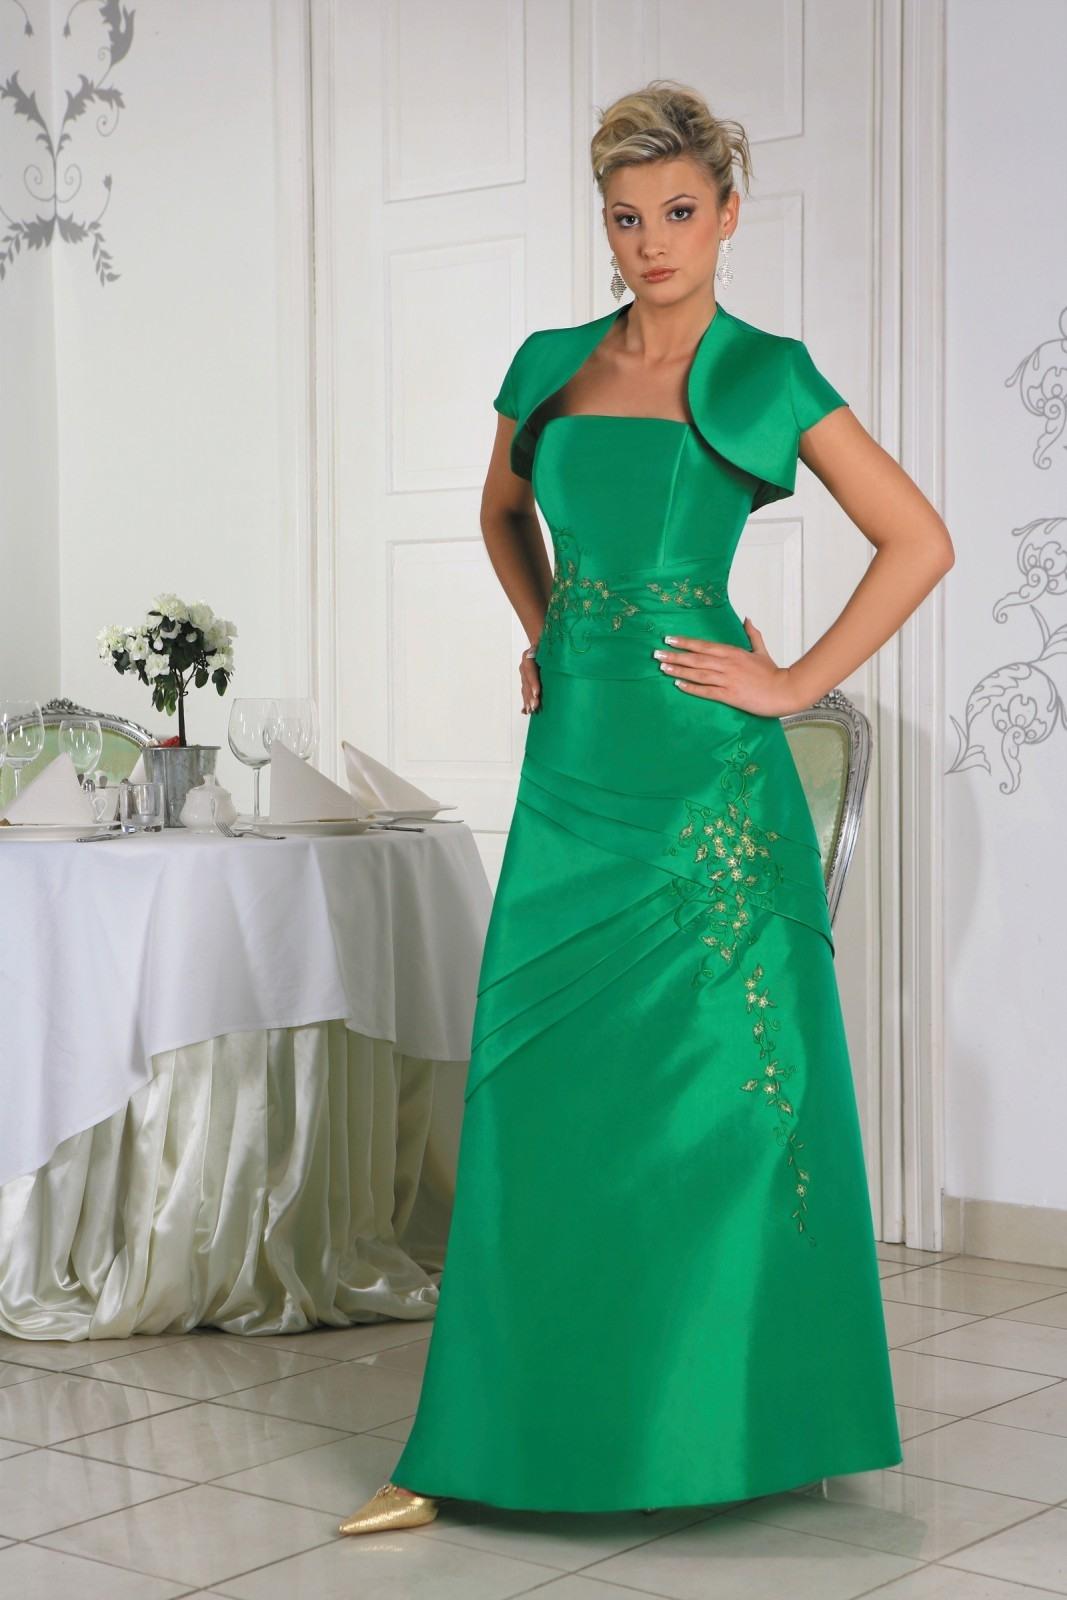 17 Fantastisch Abendkleid Mit Bolero Design Ausgezeichnet Abendkleid Mit Bolero Spezialgebiet